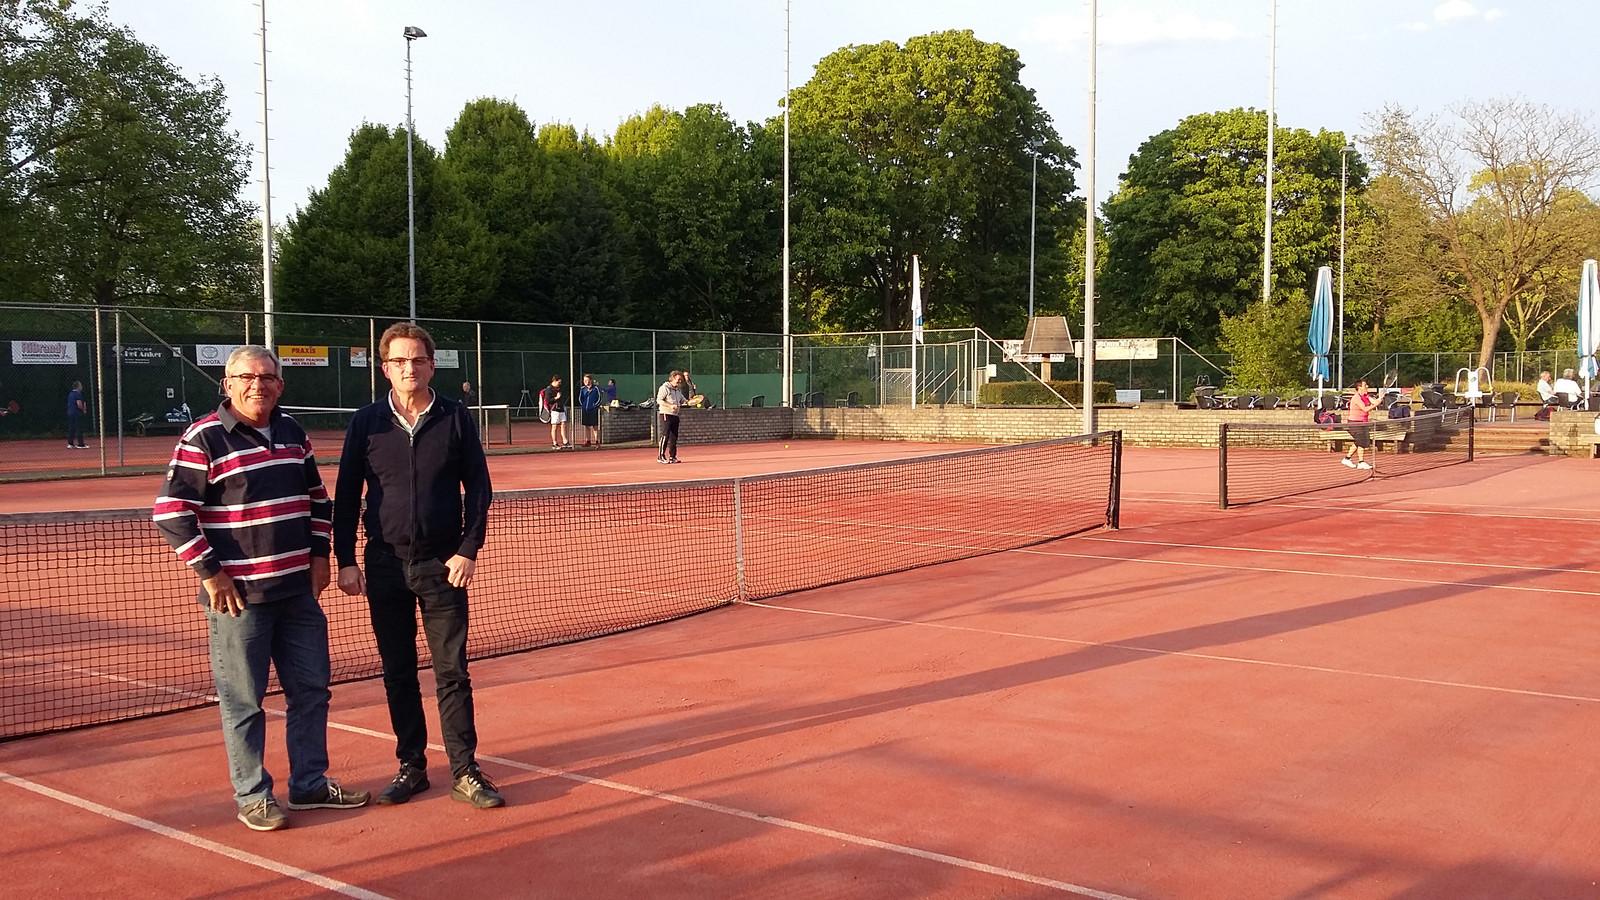 Secretaris Hans Hulsebos en voorzitter William de Bruijn op de tennisbanen van LTV in Raamsdonksveer.